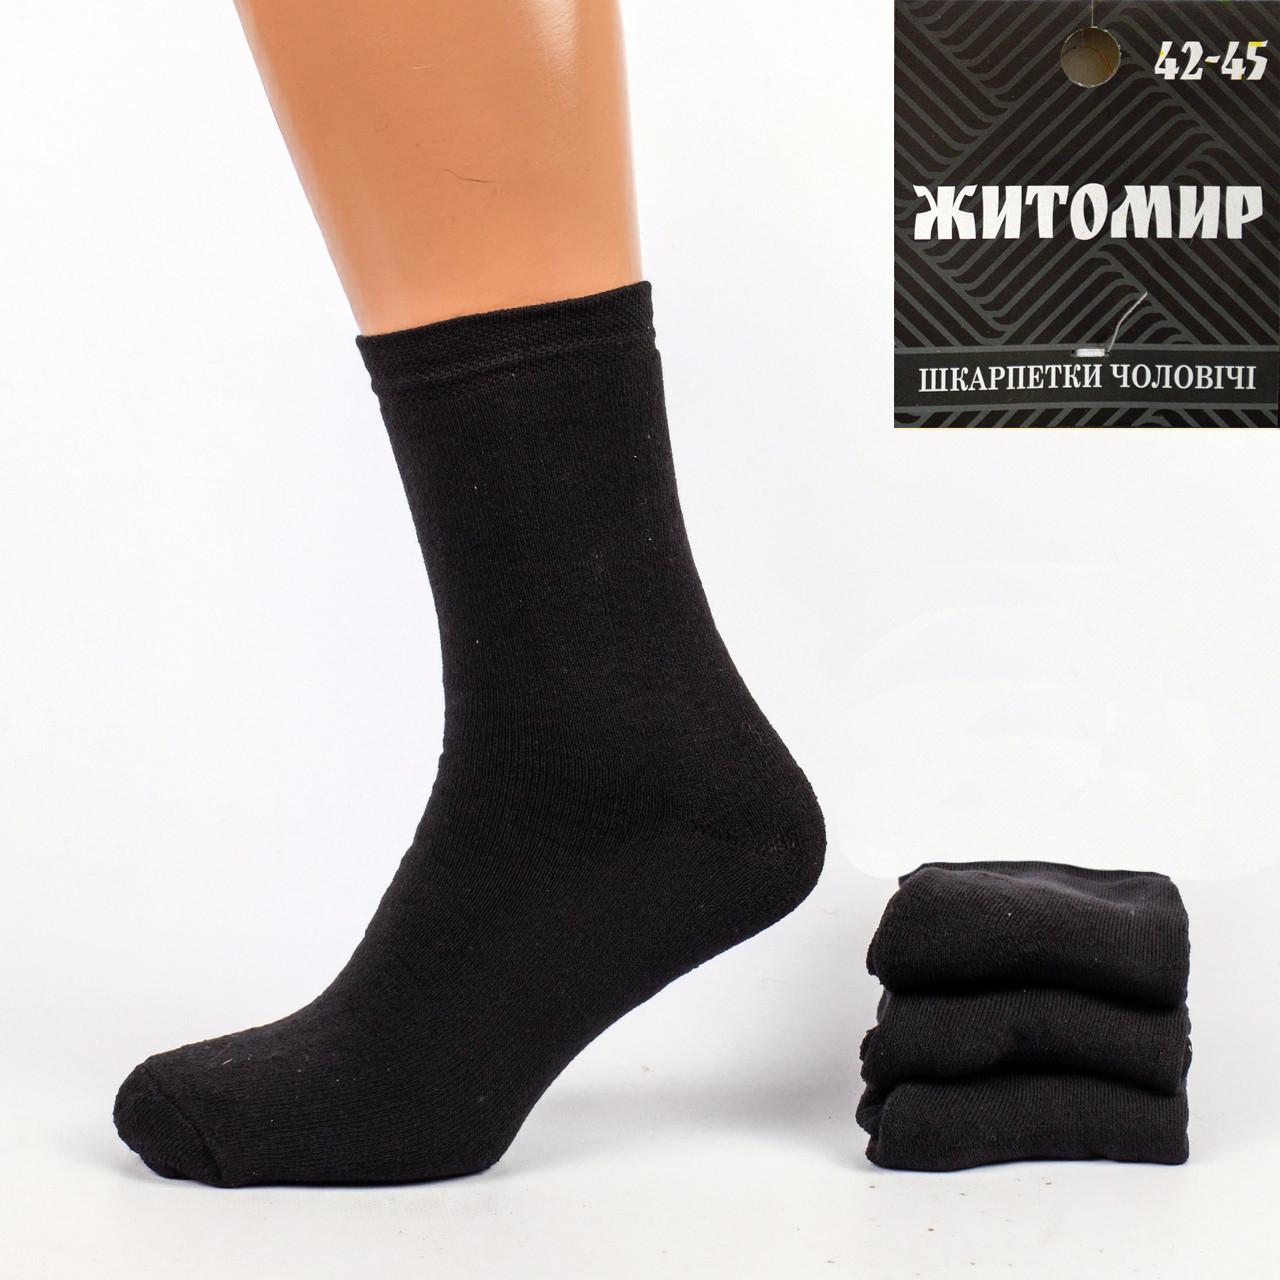 Мужские махровые носки Житомир М26. В упаковке 12 пар.